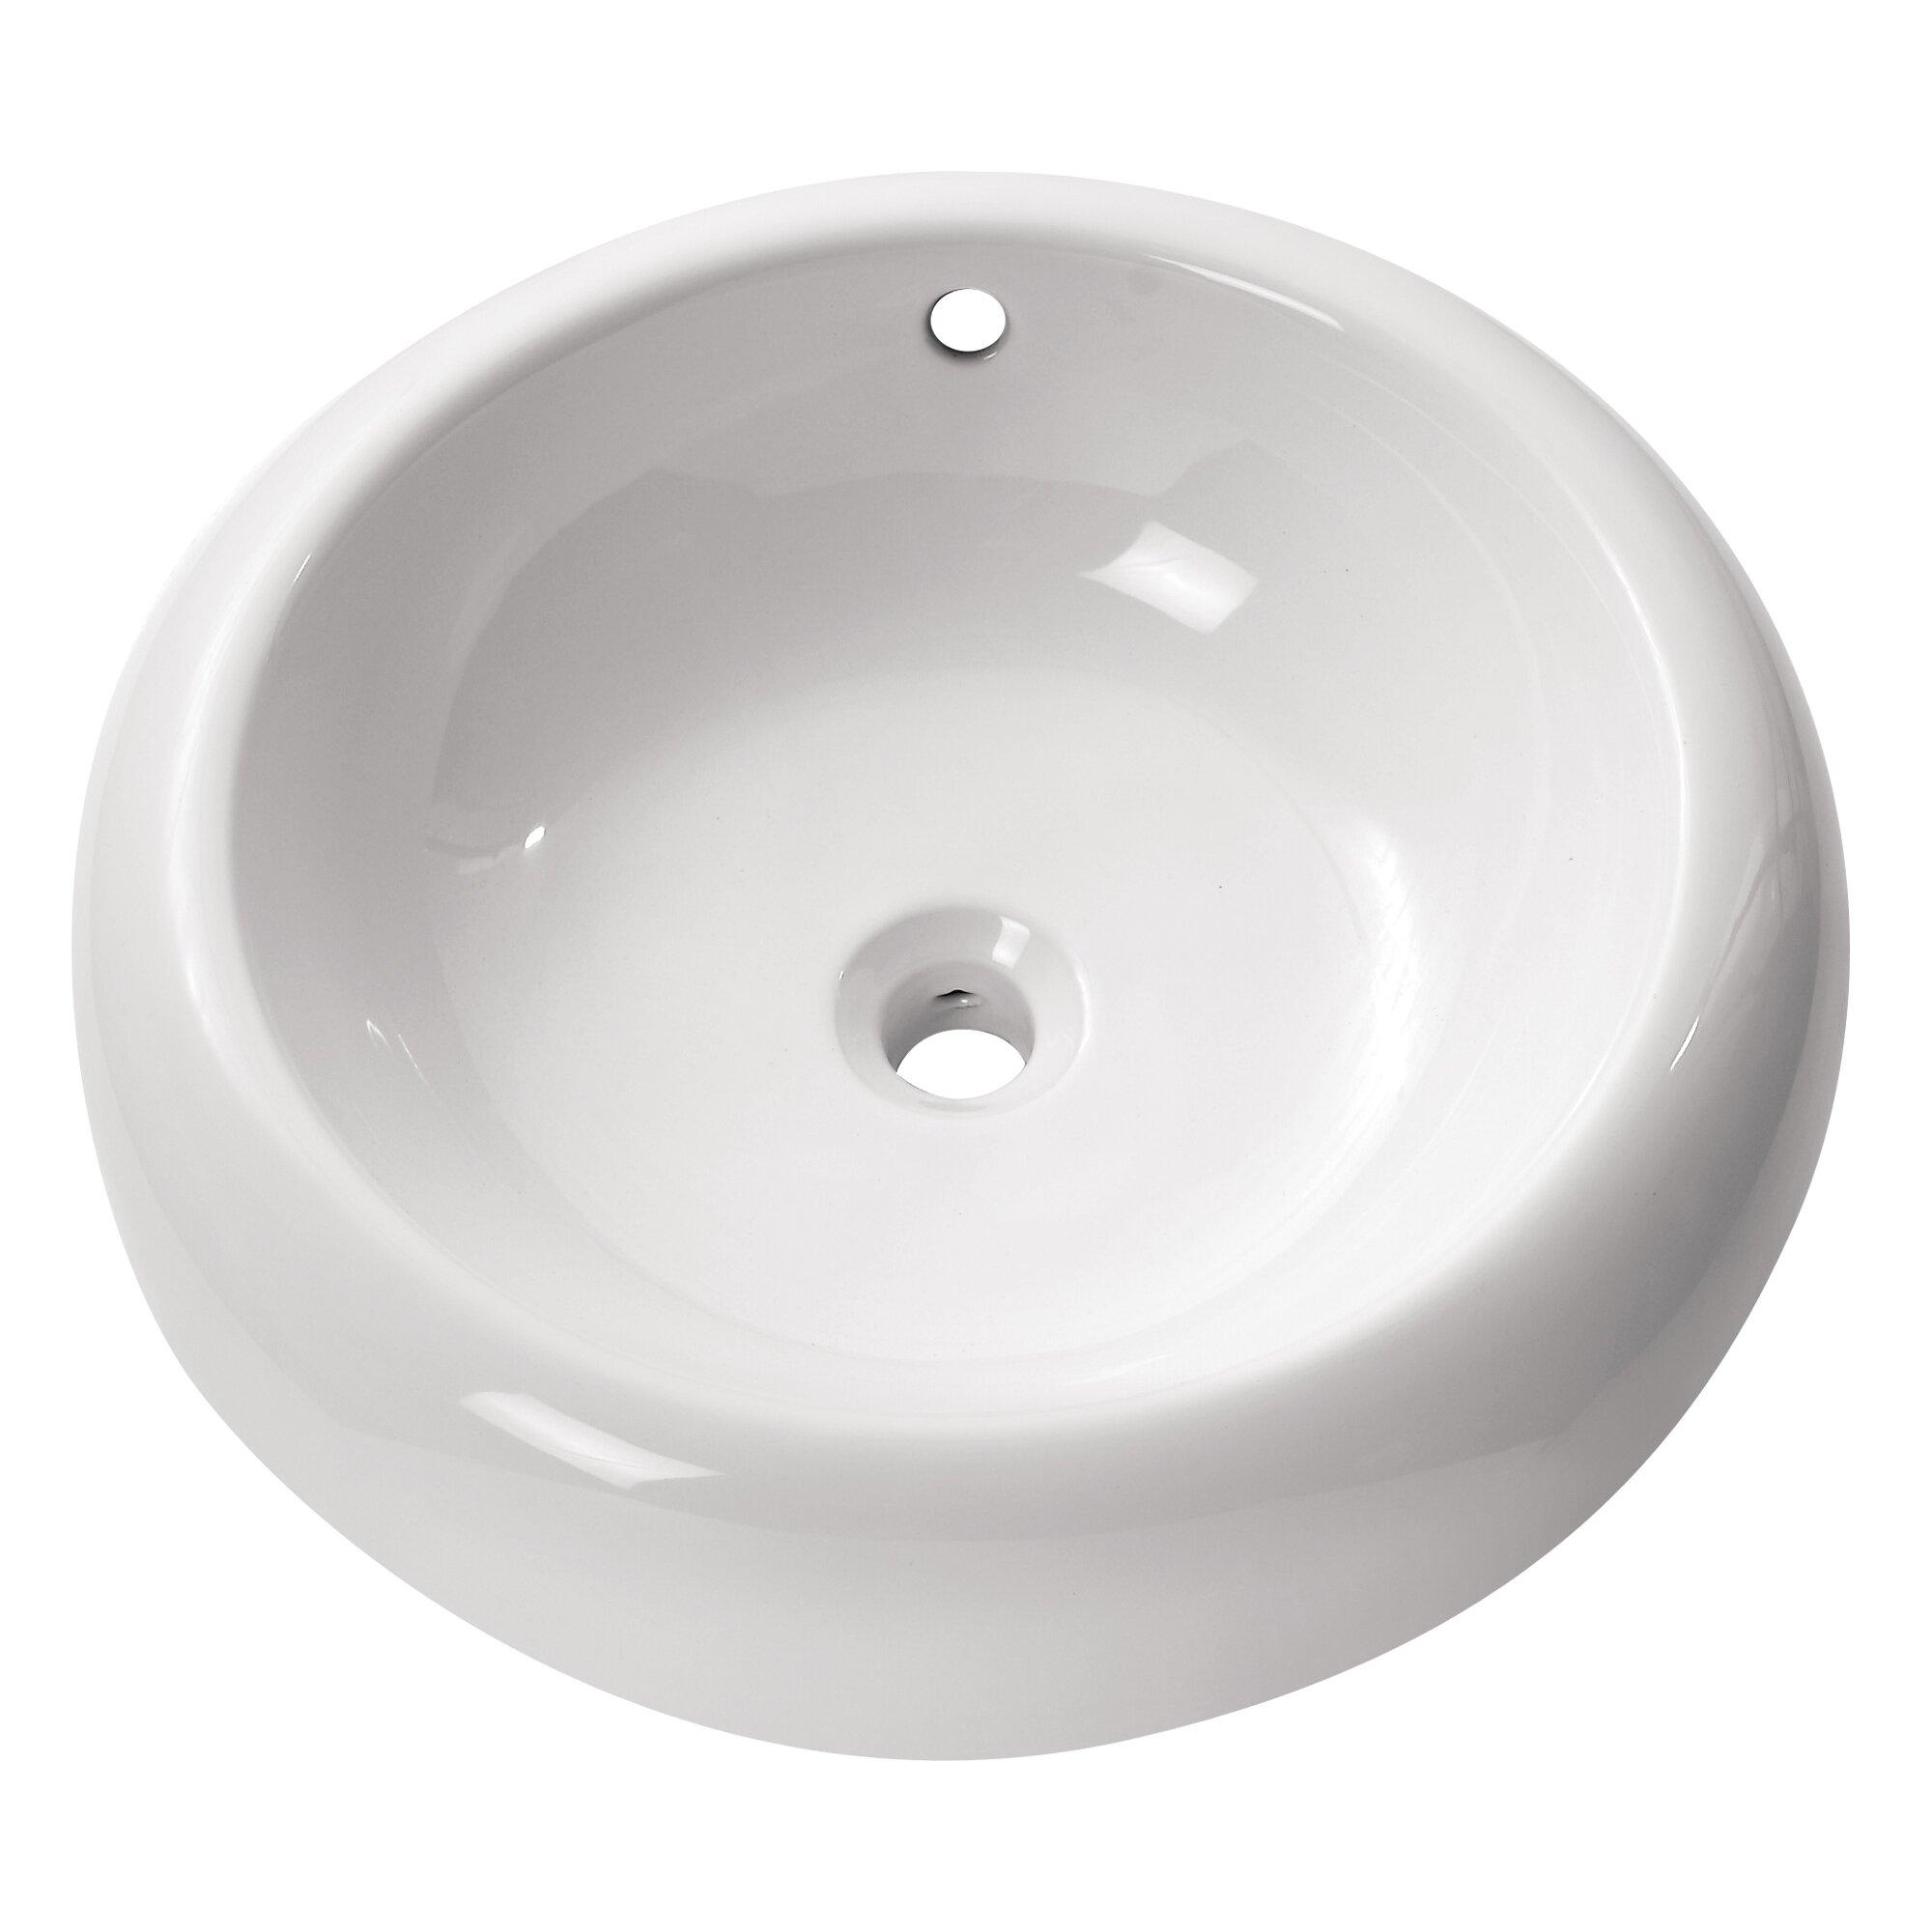 Sink Over Toilet : Home Improvement Bathroom Fixtures ... Avanity Part #: CVE500RD SKU ...